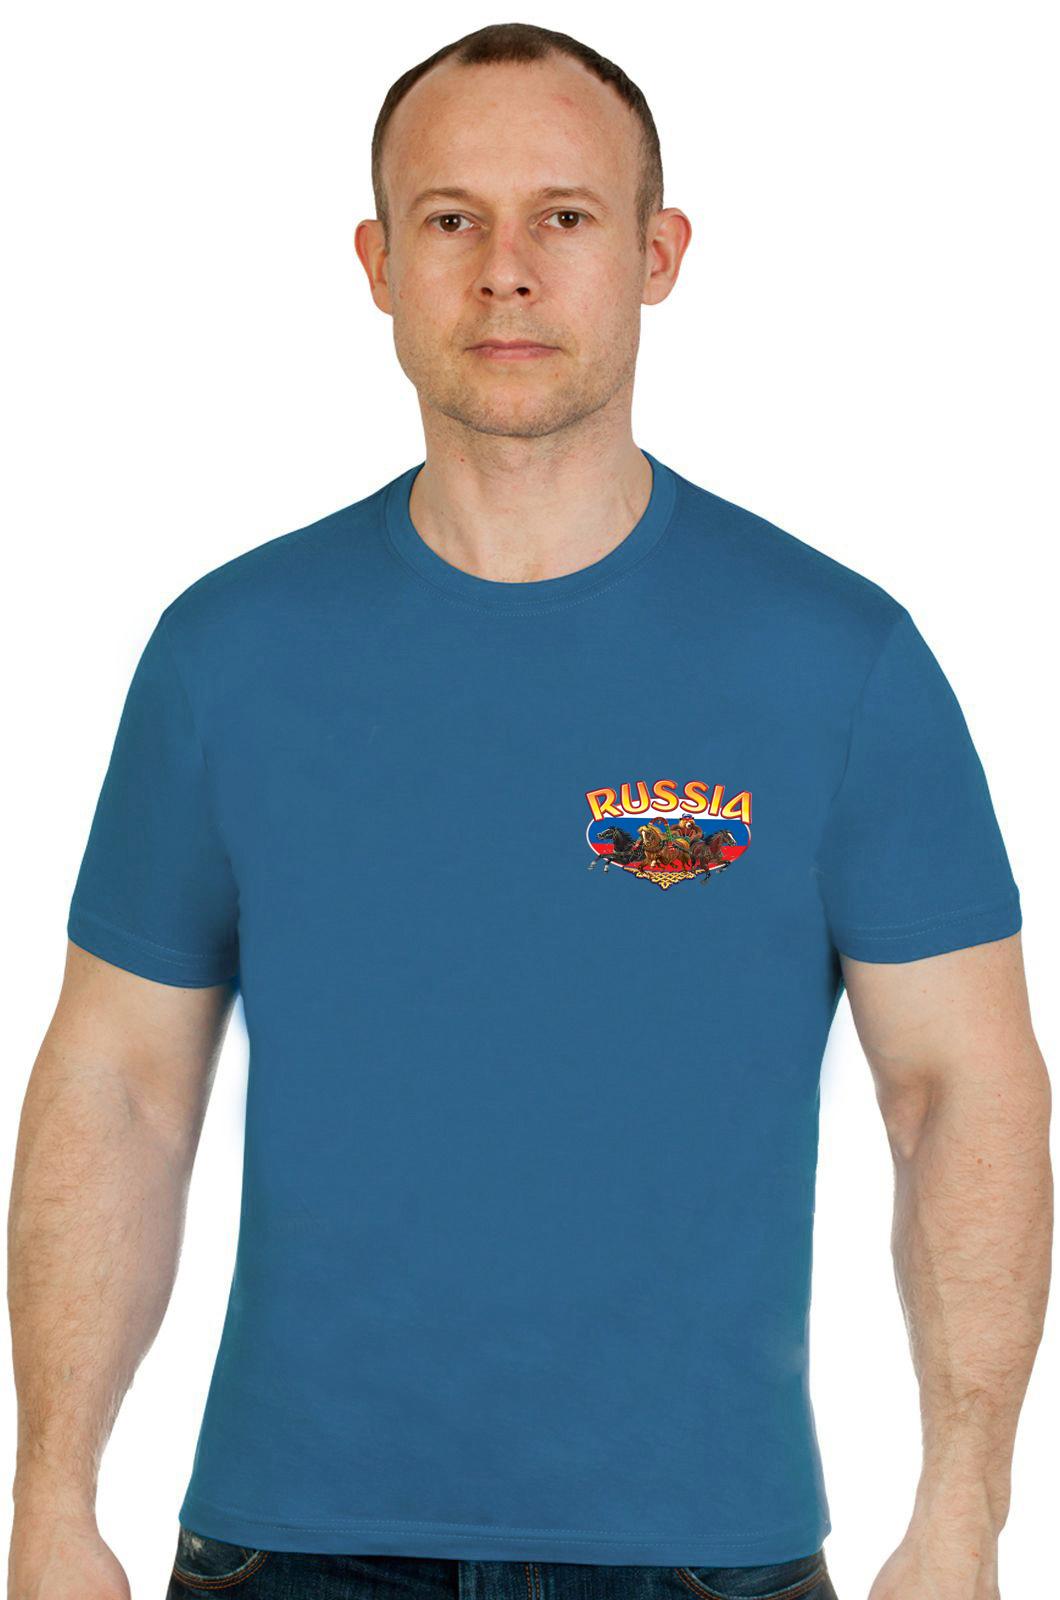 Купить эффектную мужскую футболку Россия выгодно